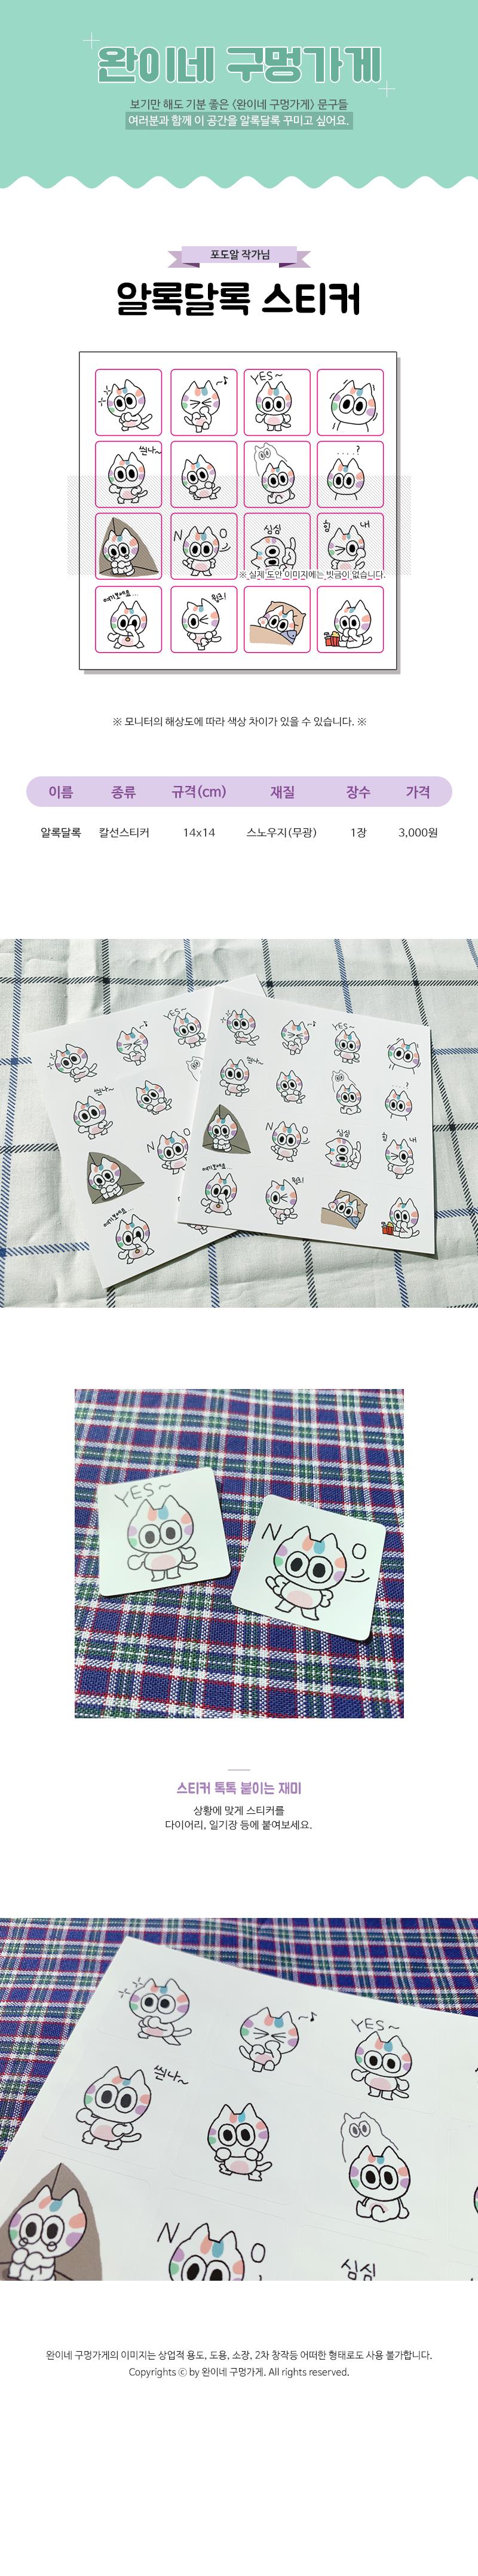 sticker640